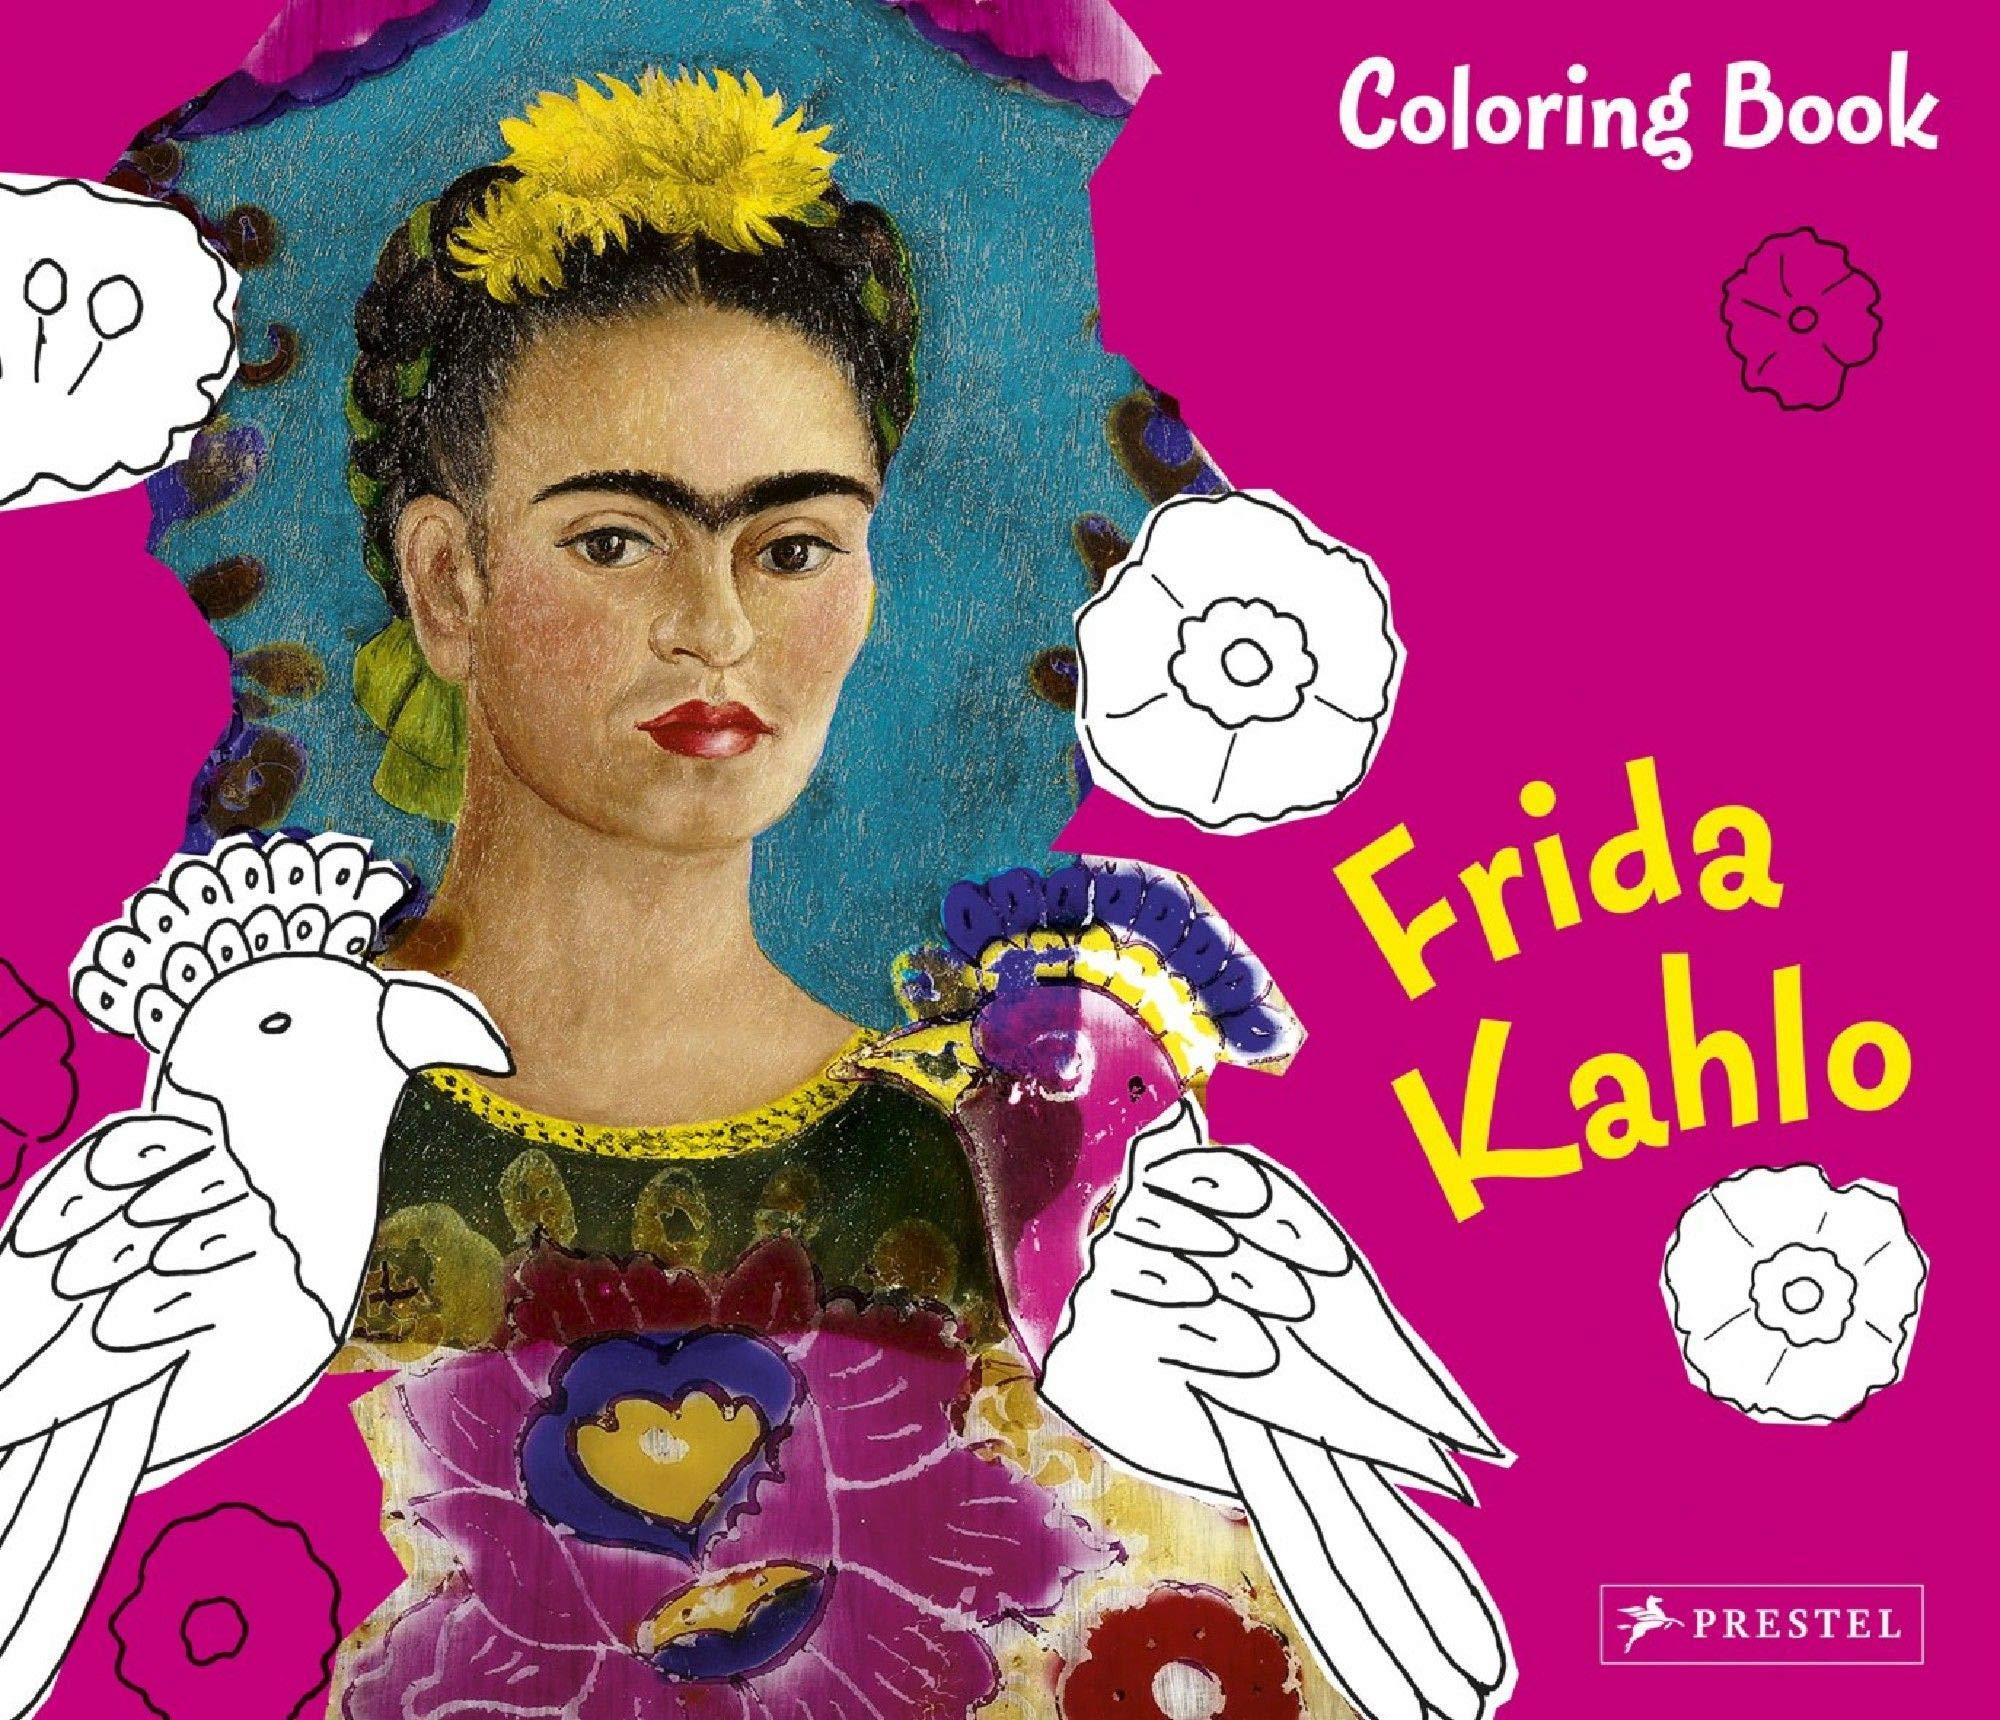 frida kahlo coloring pages – ktjava.info